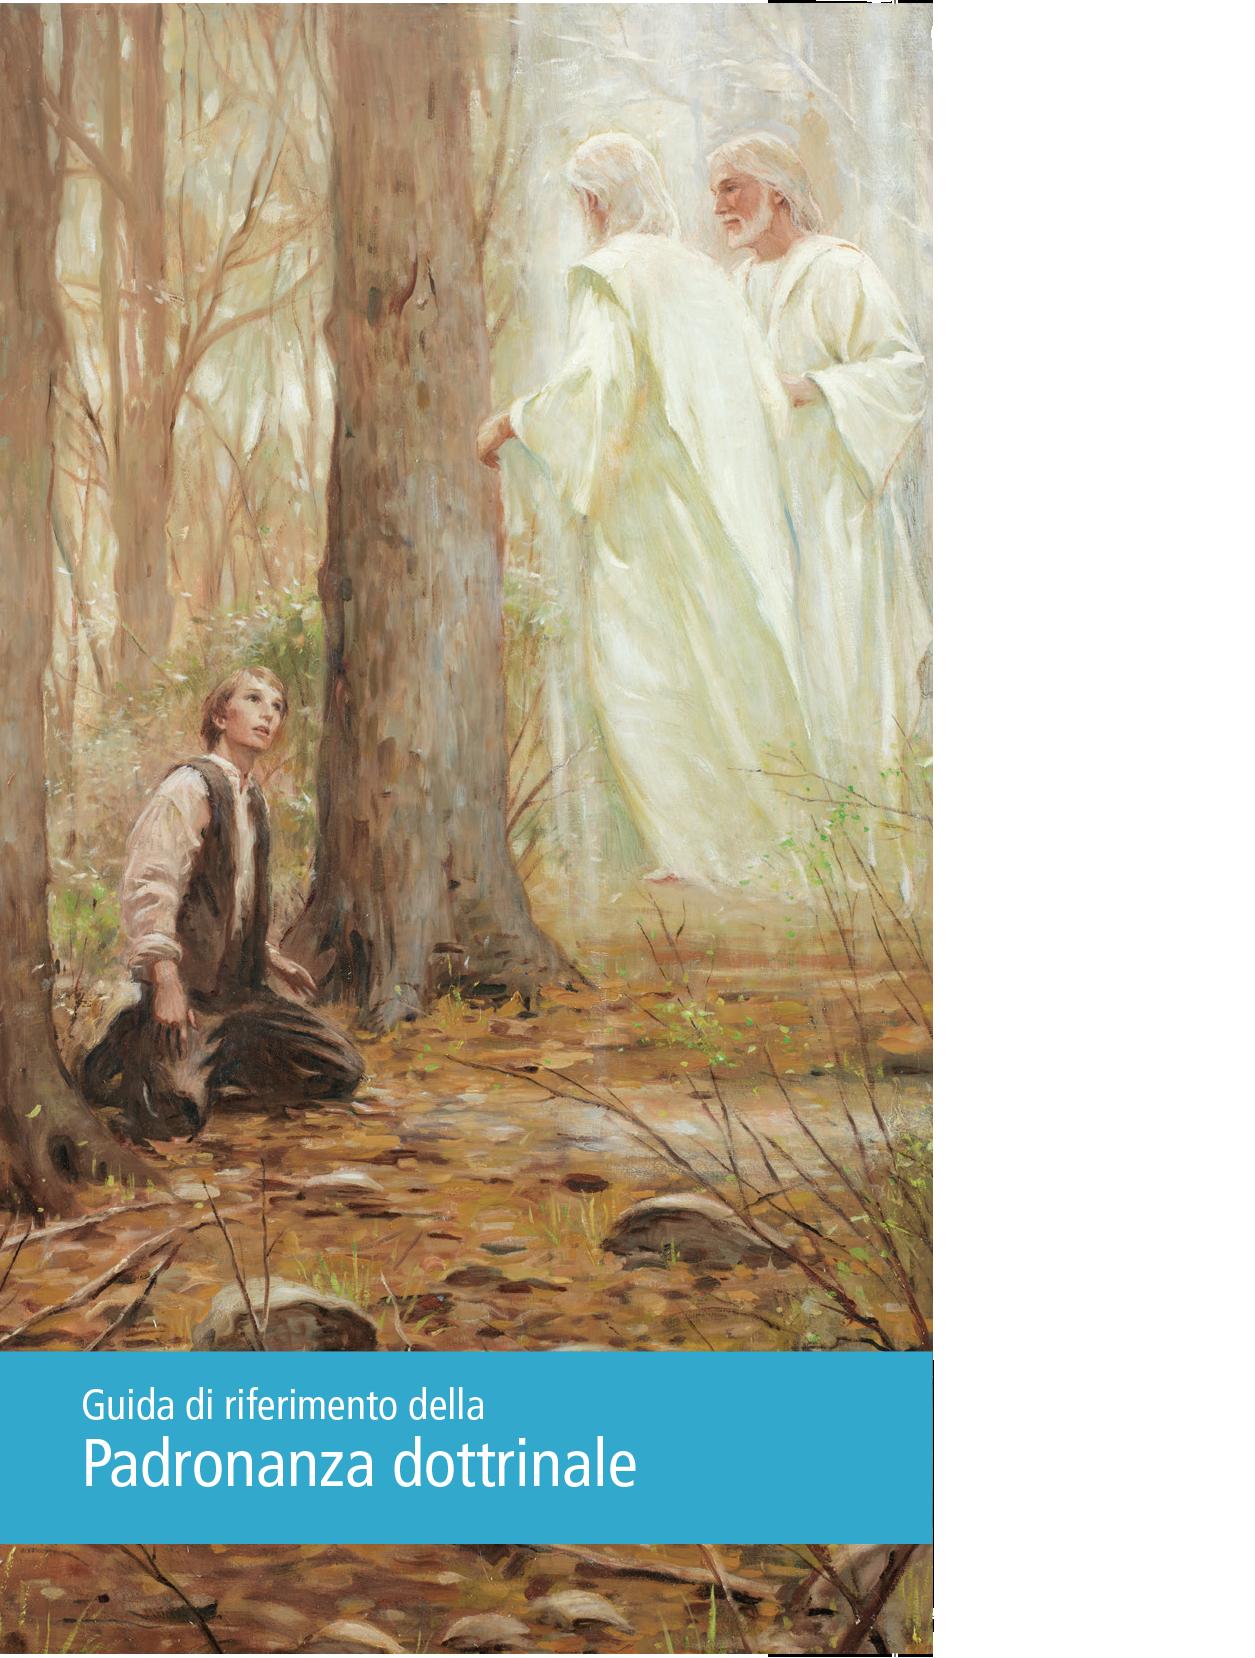 Guida di riferimento della Padronanza dottrinale